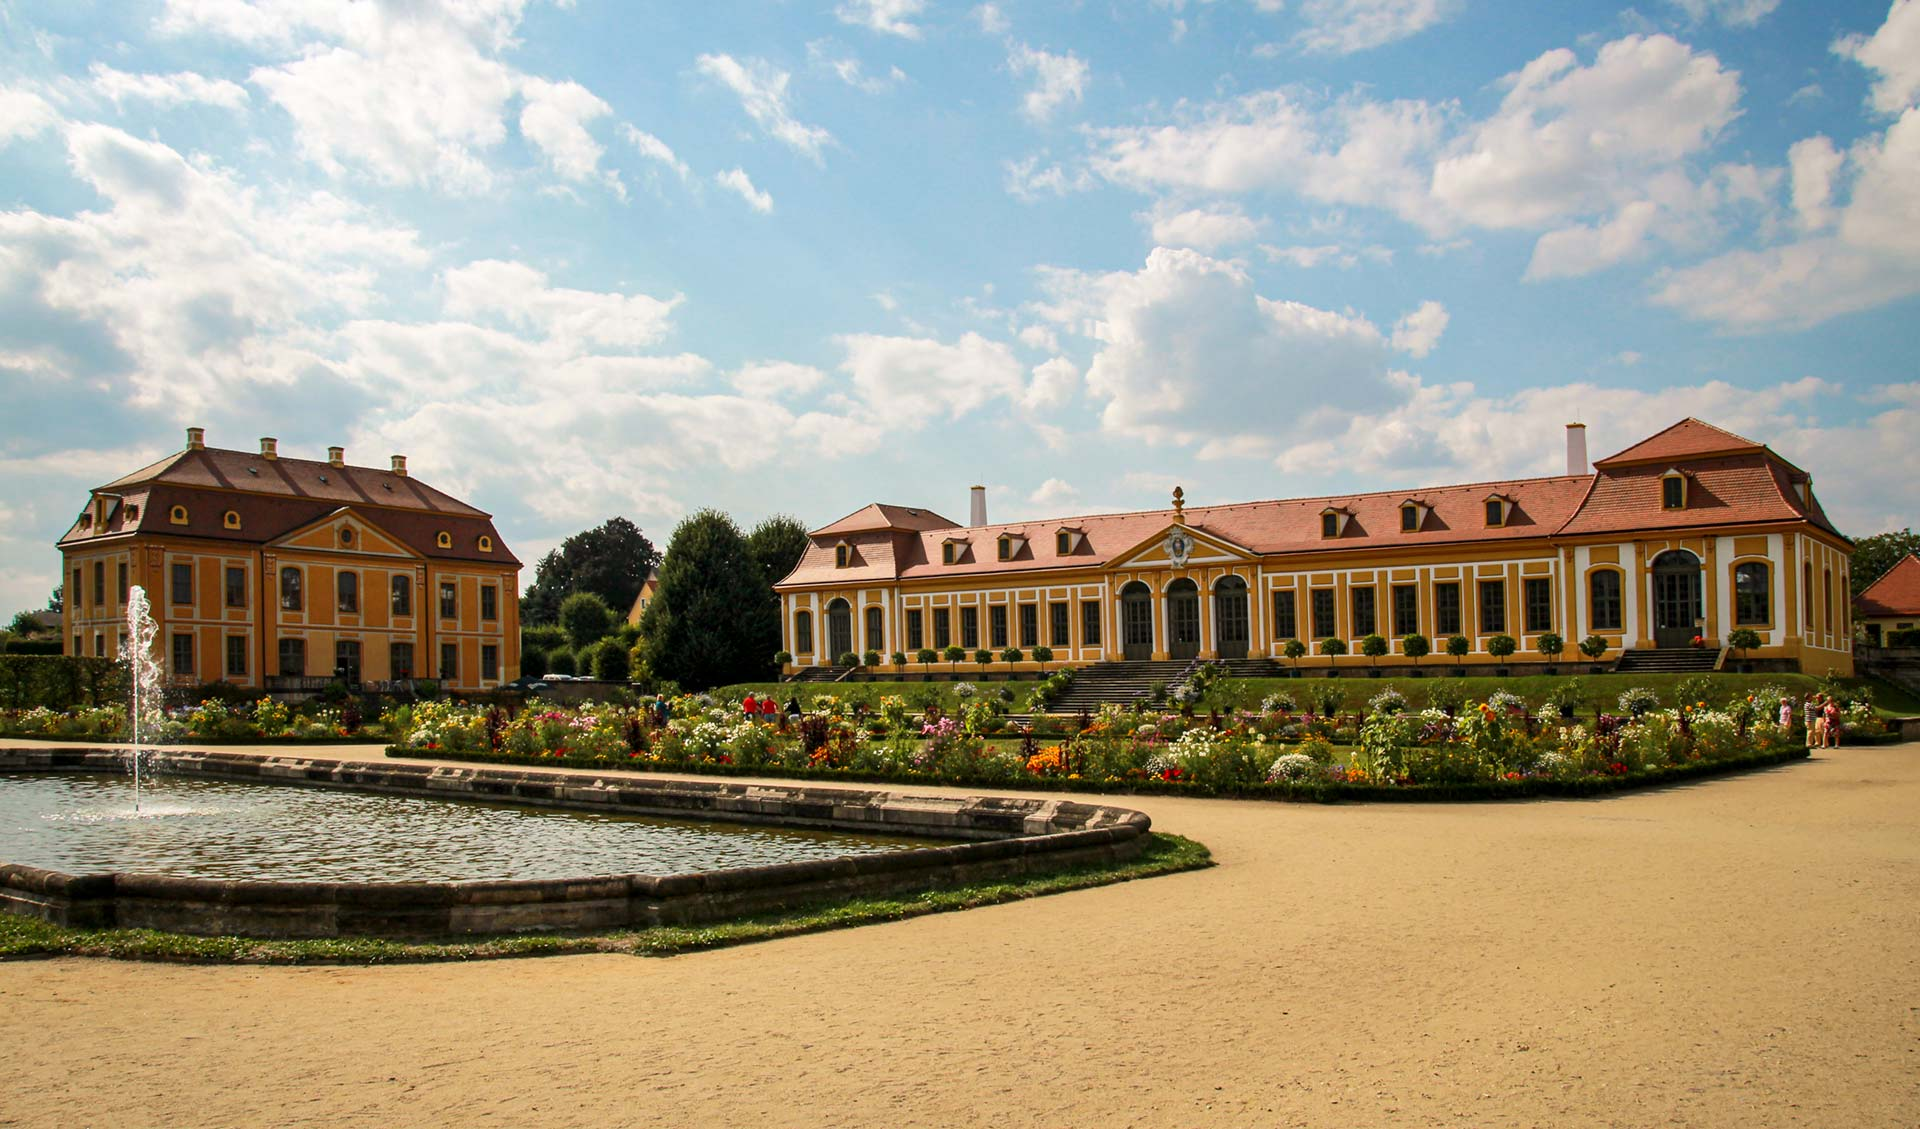 Herzlich willkommen im Barockgarten Großsedlitz – Lustwandeln auf Sächsisch